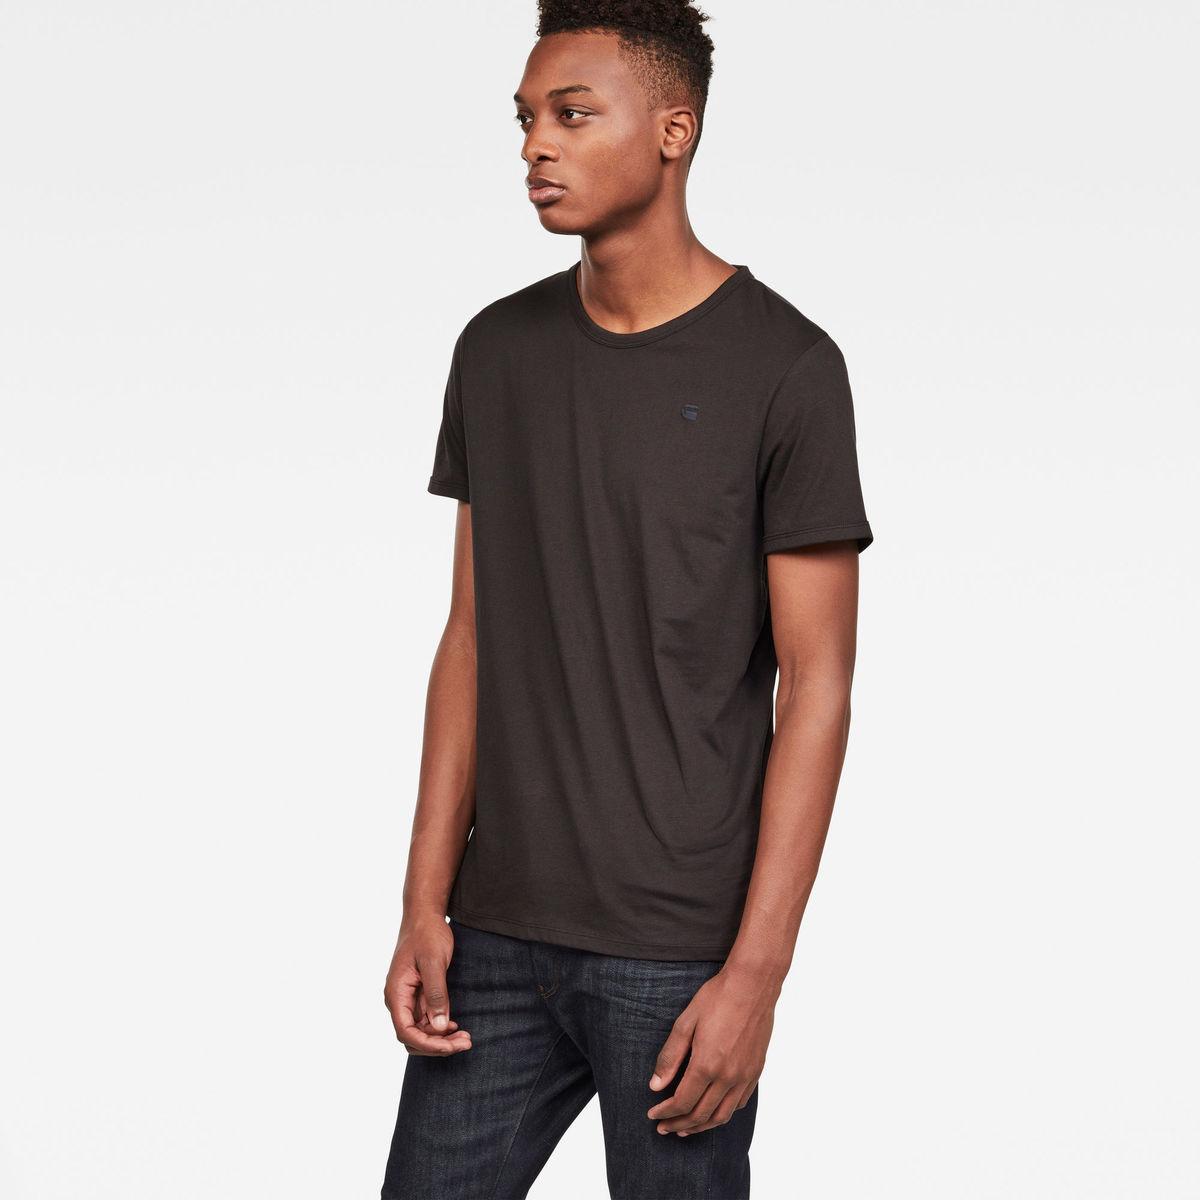 Bild 2 von Base-S T-Shirt